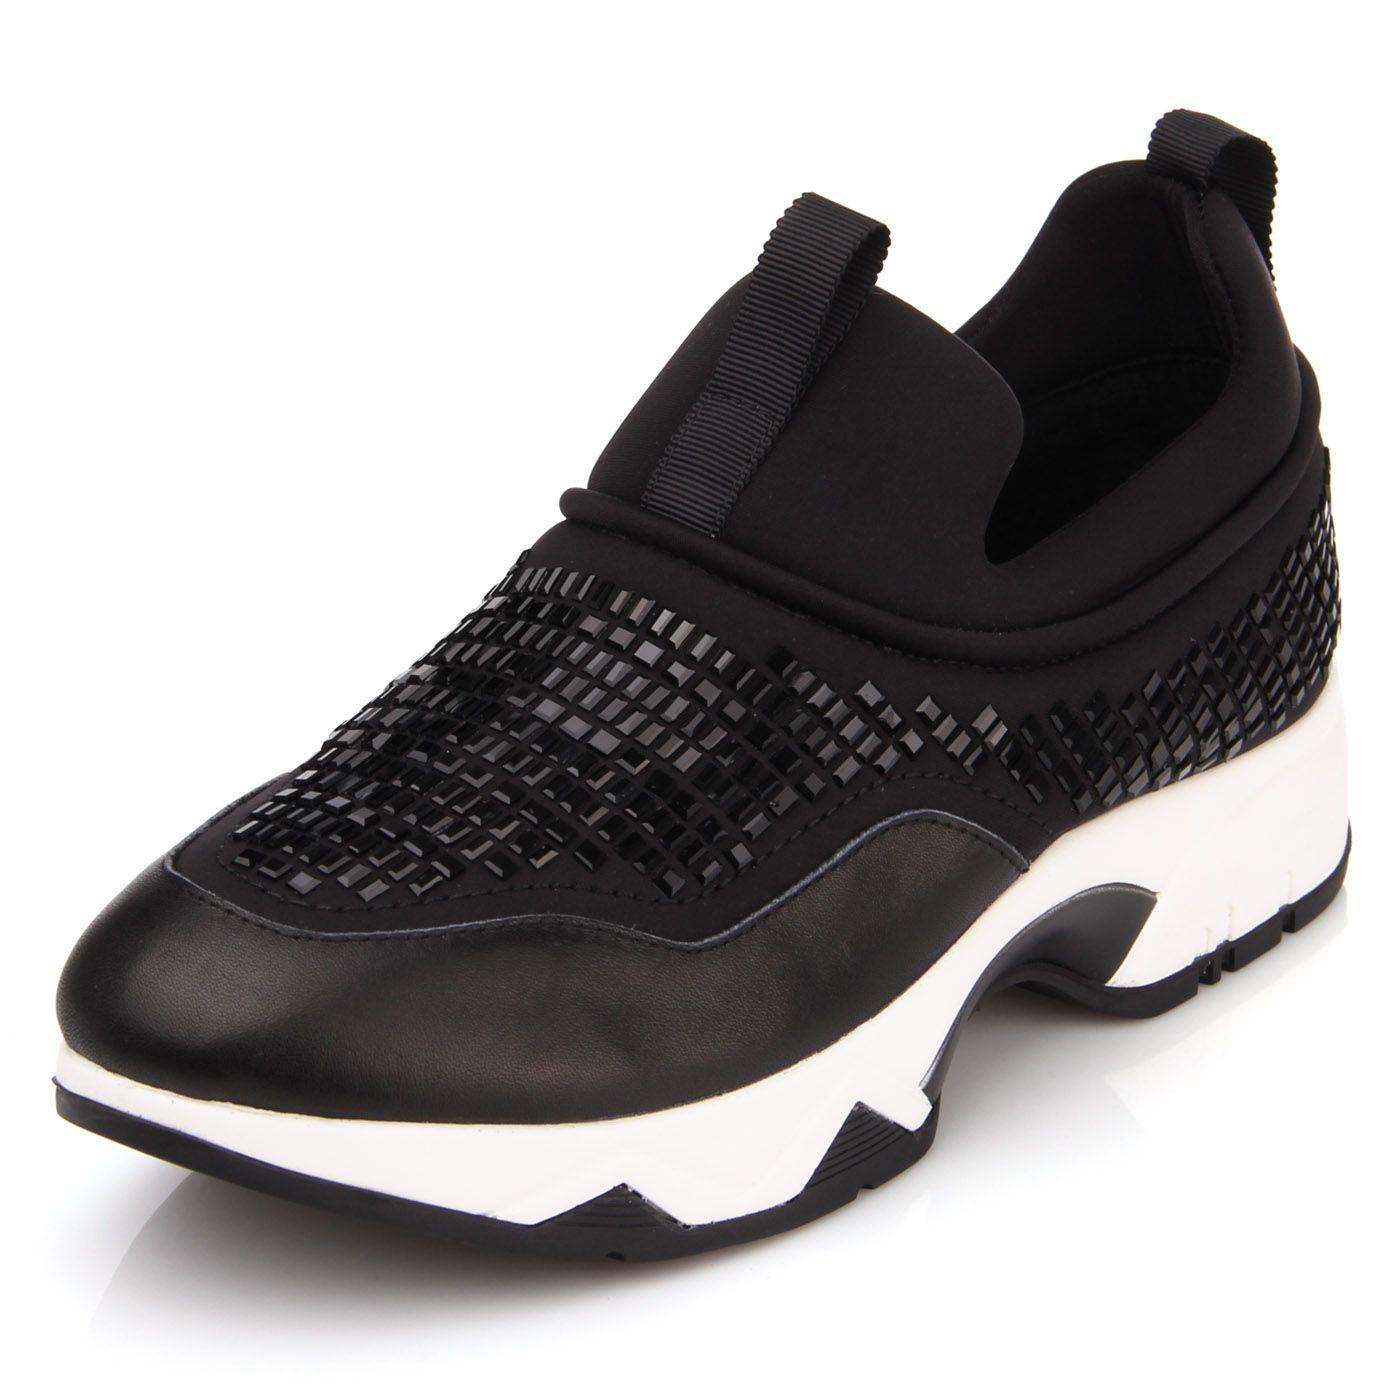 Medea женская обувь в Киеве, Харькове - купить в интернет-магазине Ditto 189eace1a6b